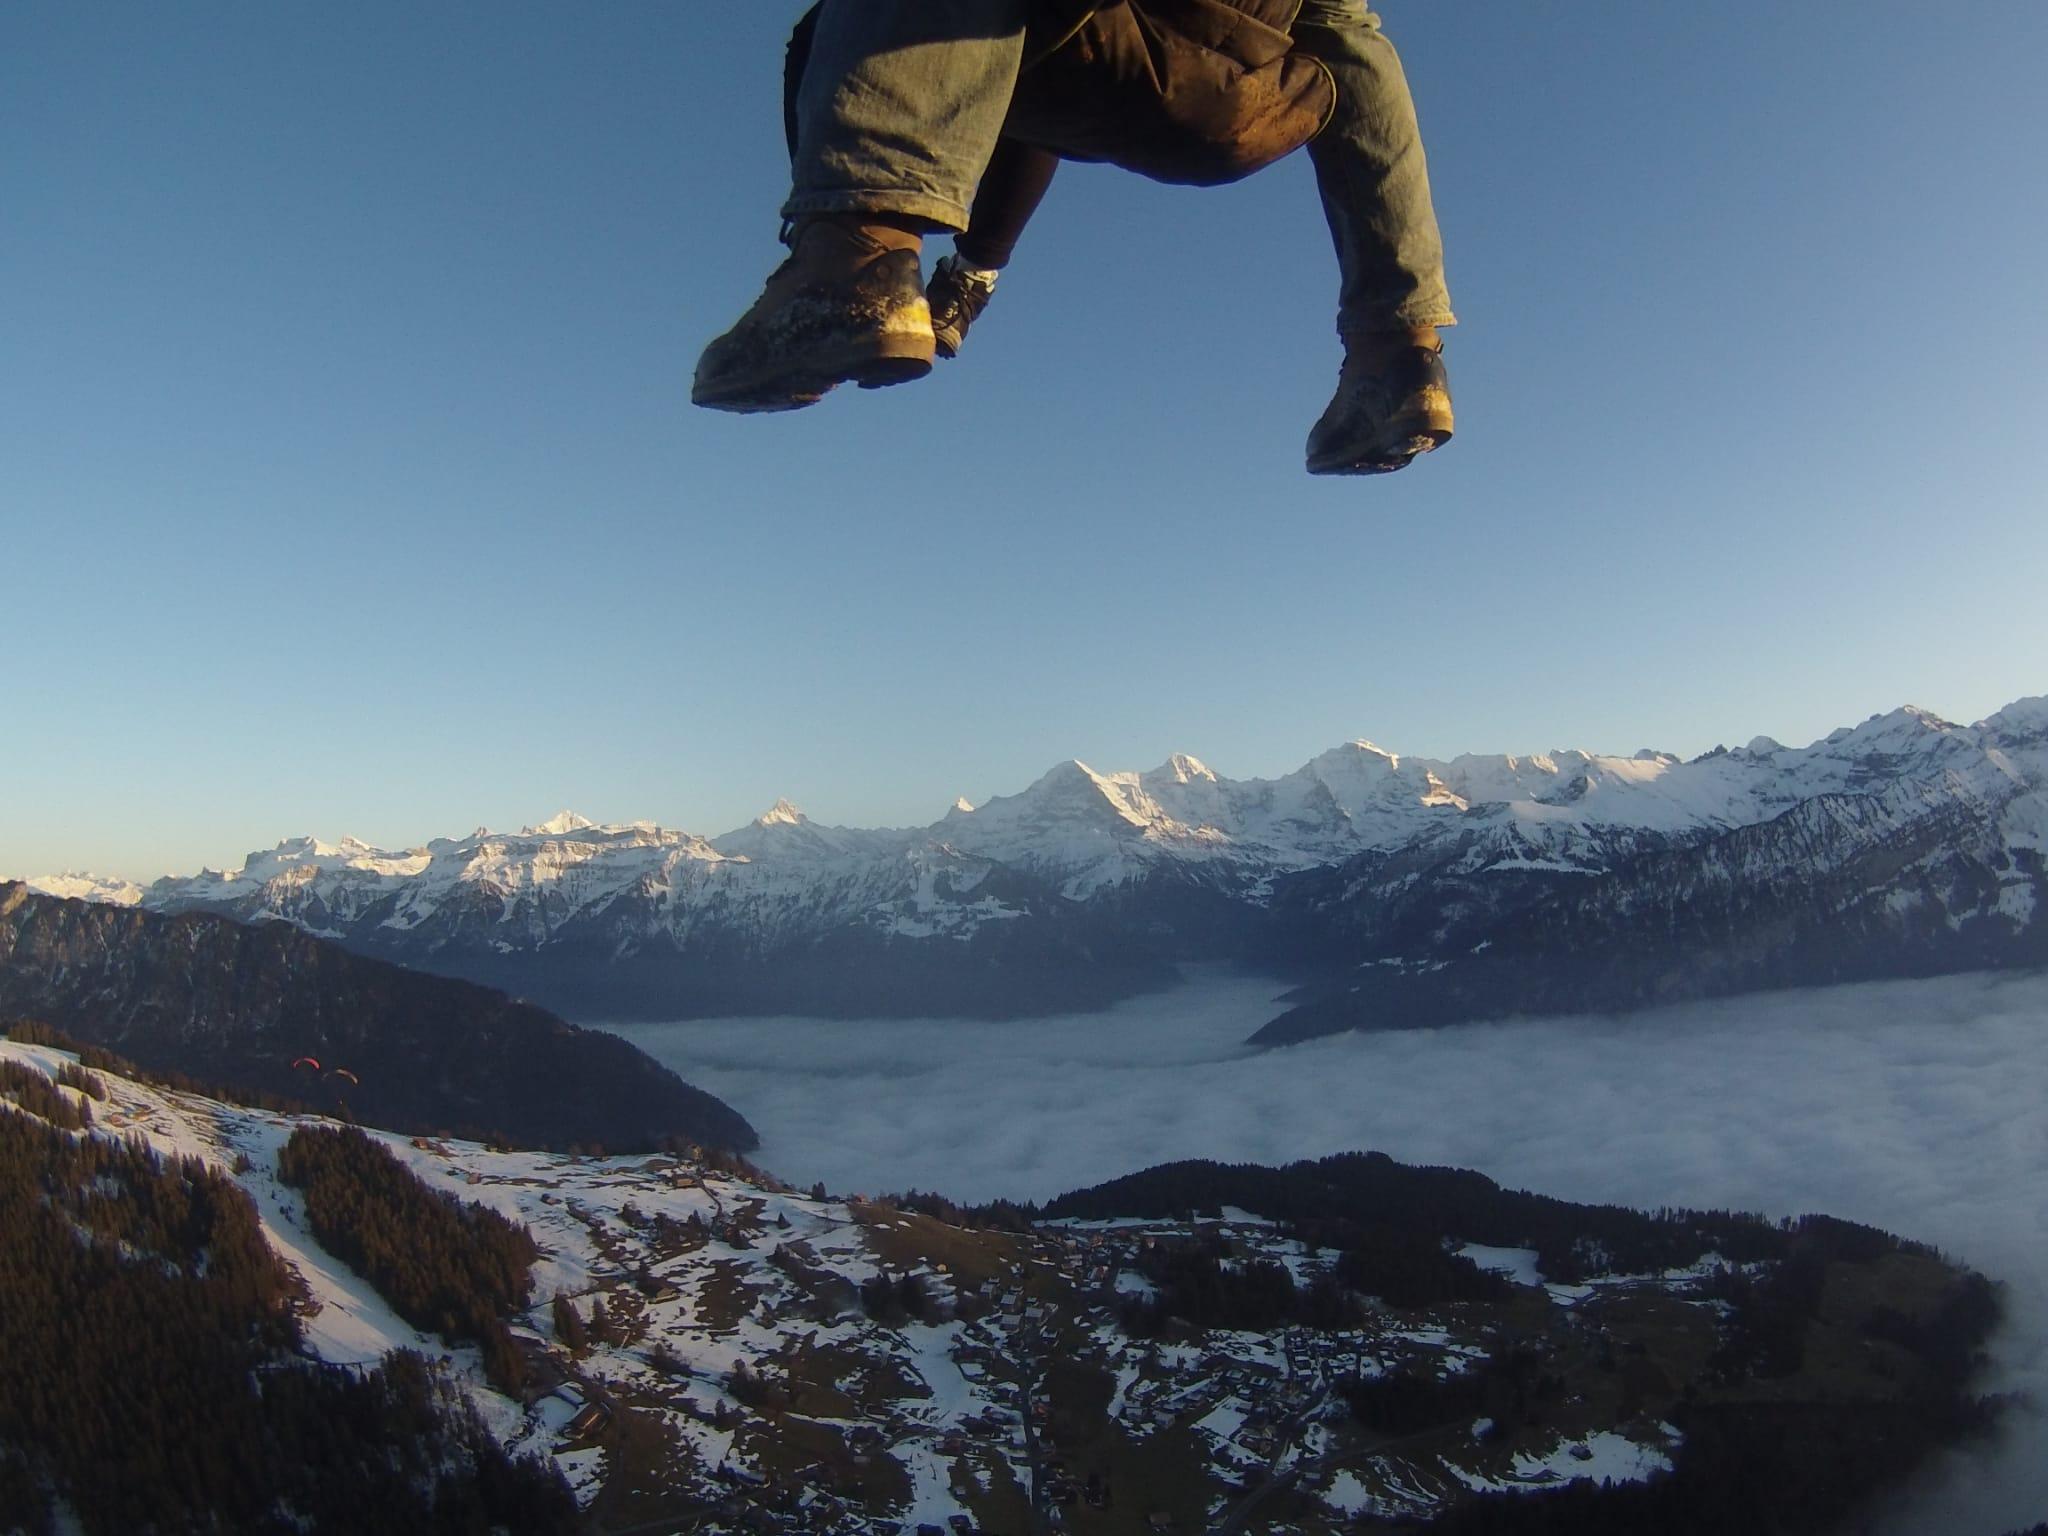 Interlaken Winter Paragliding Wonderland Winterlaken 14 - Copy